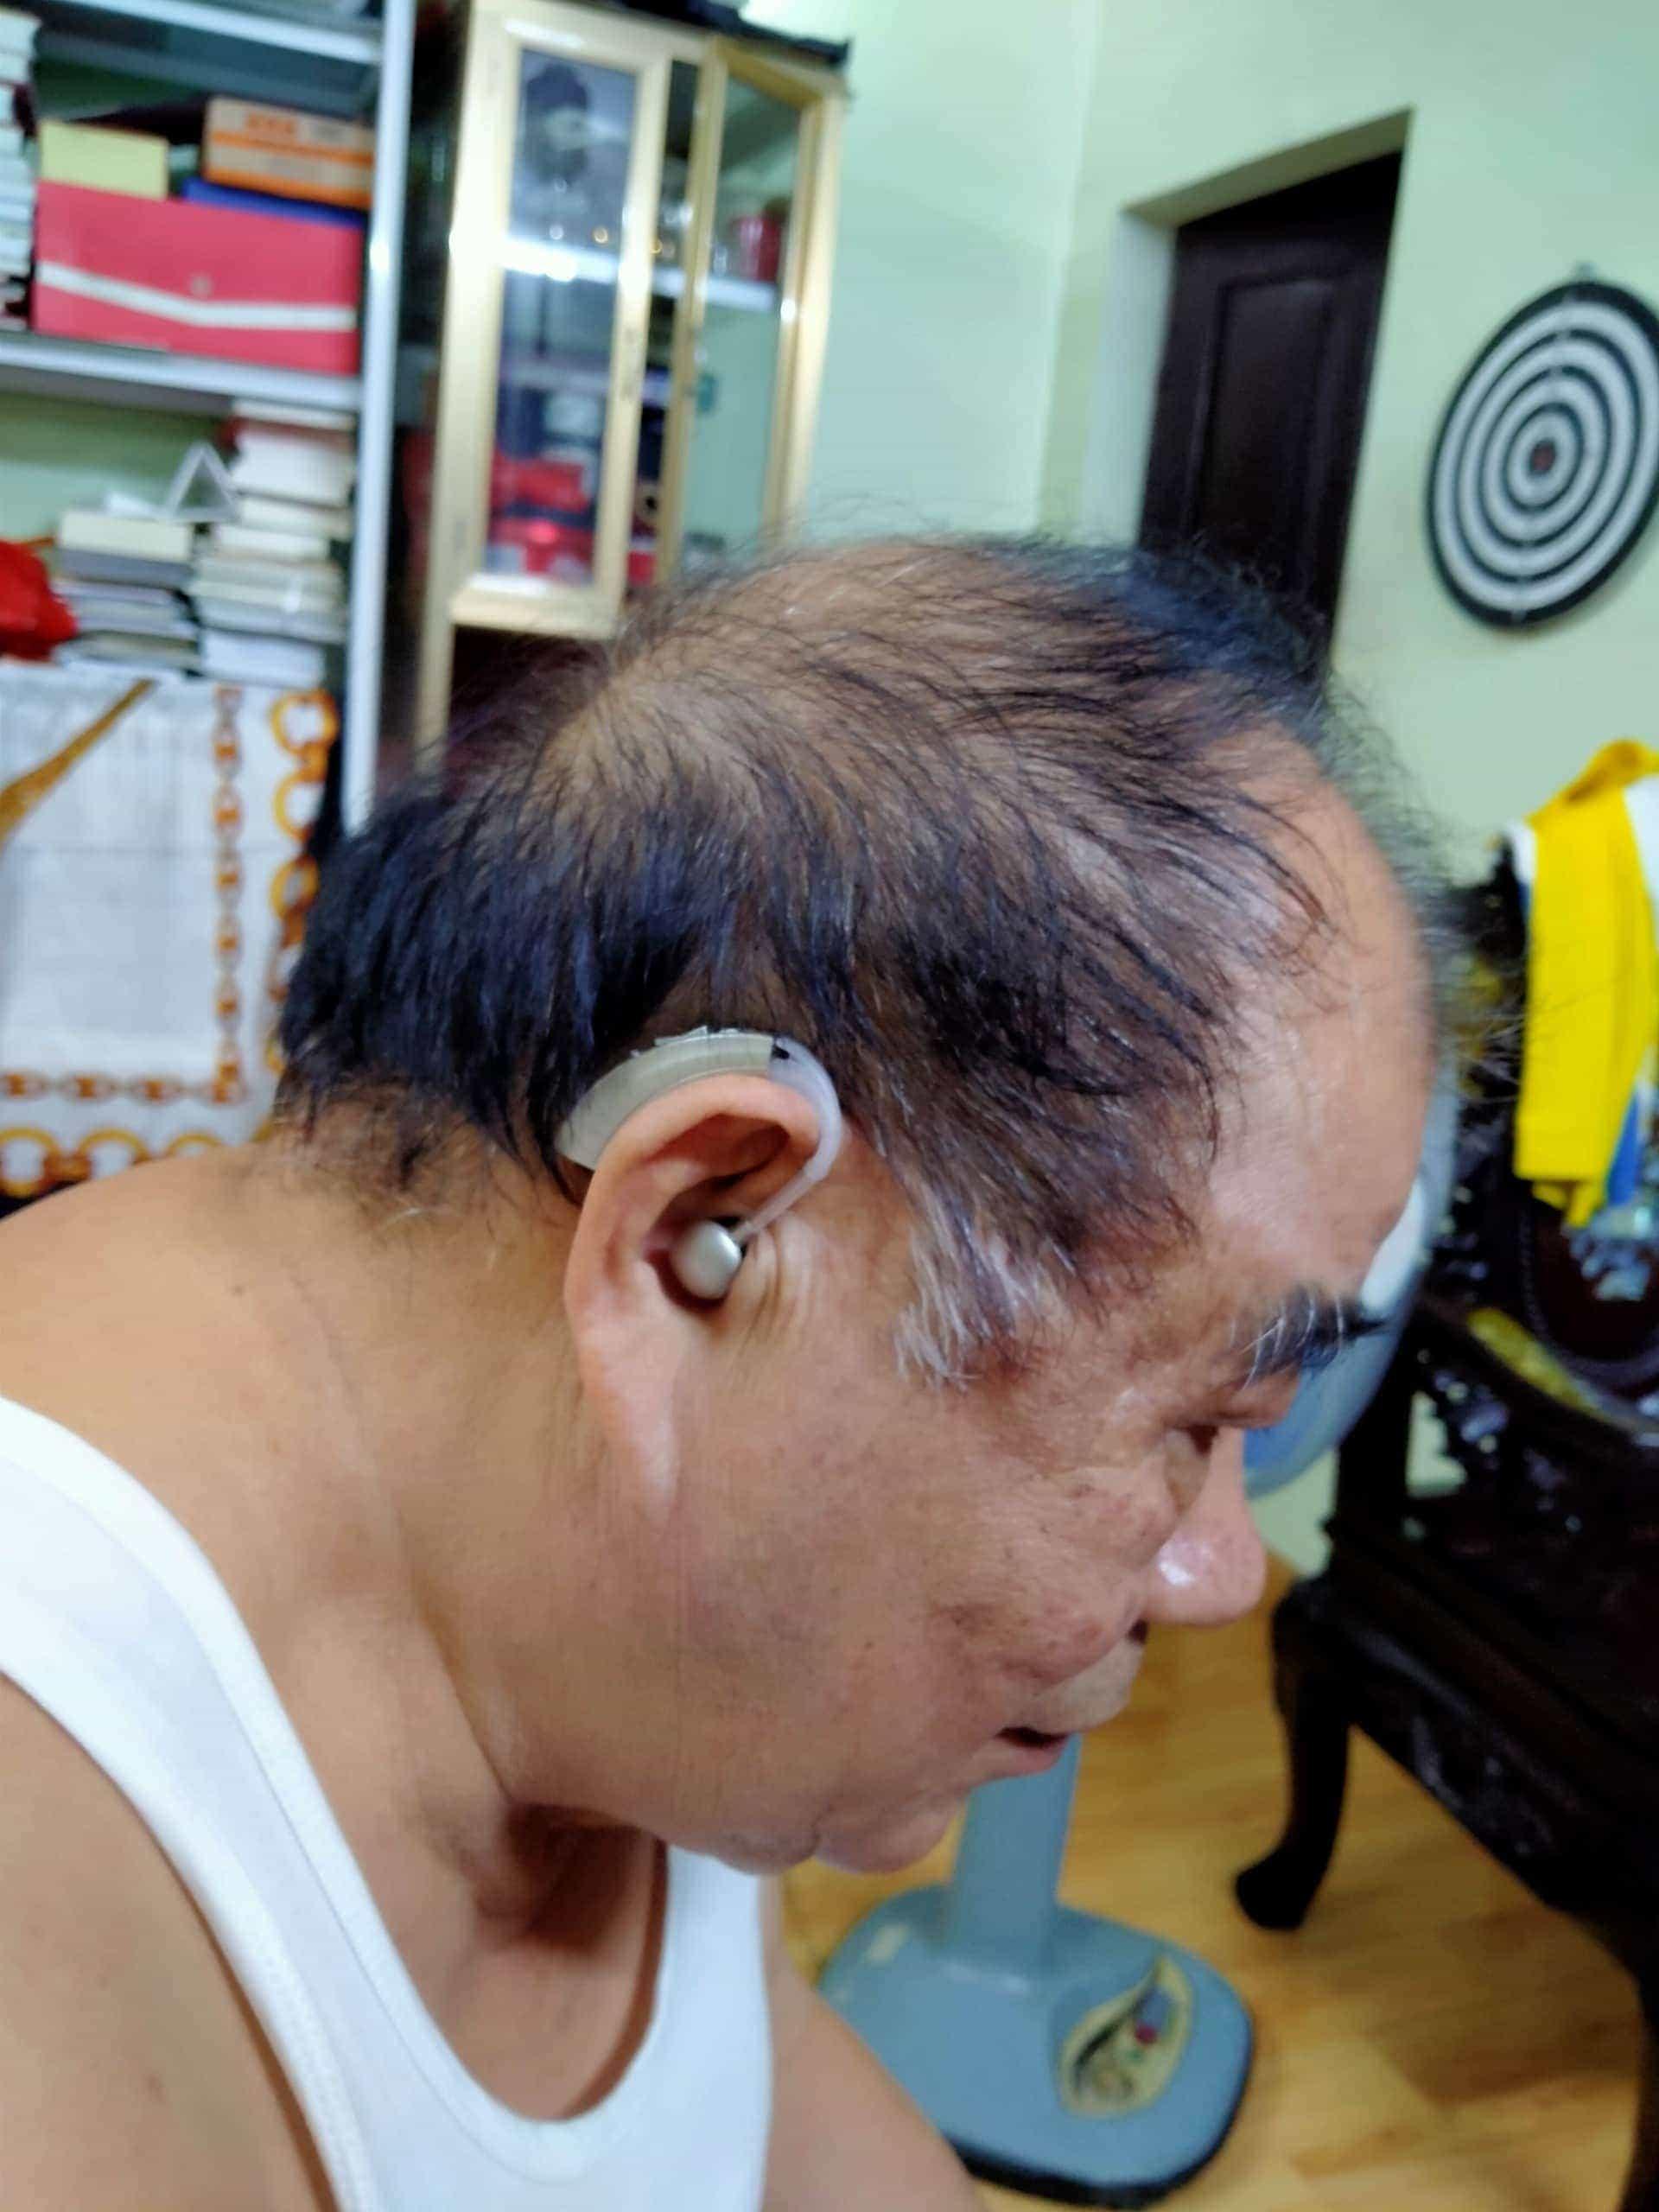 Image #1 from Phạm Khánh Toàn